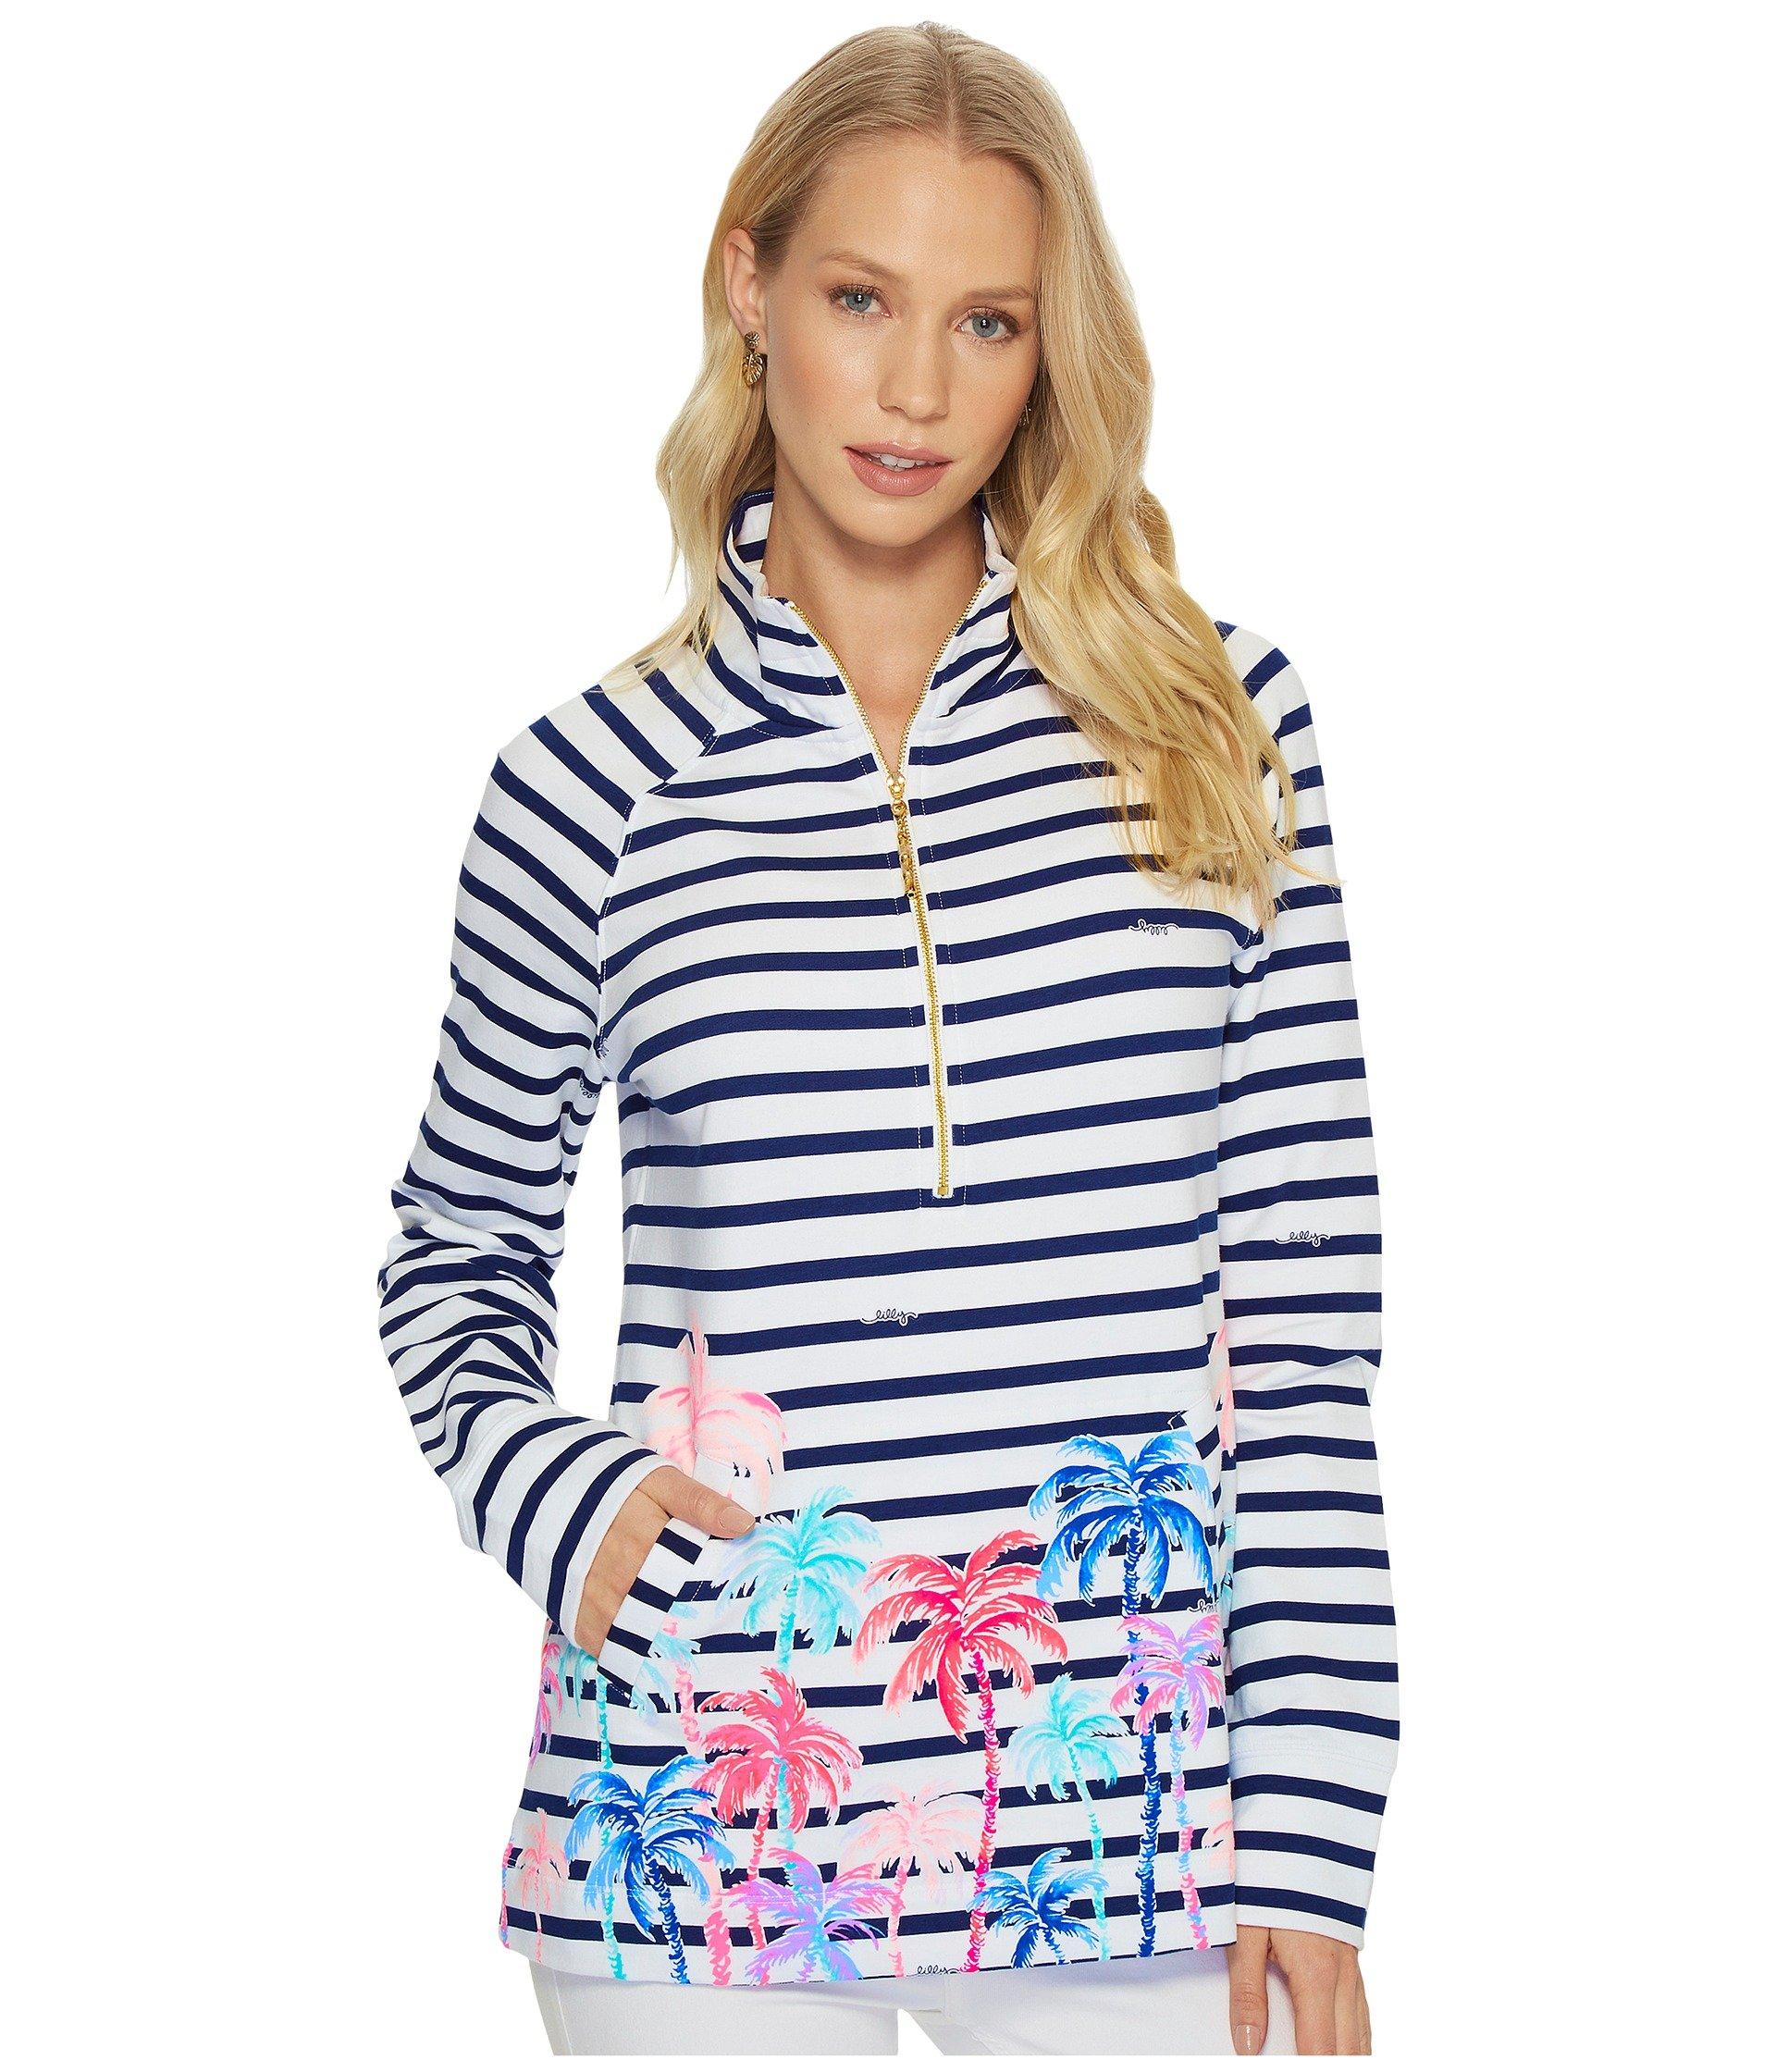 Lilly Pulitzer Women's Upf 50+ Skipper Popover, Resort White Desert Palm Stripe Engineered Skipper, L